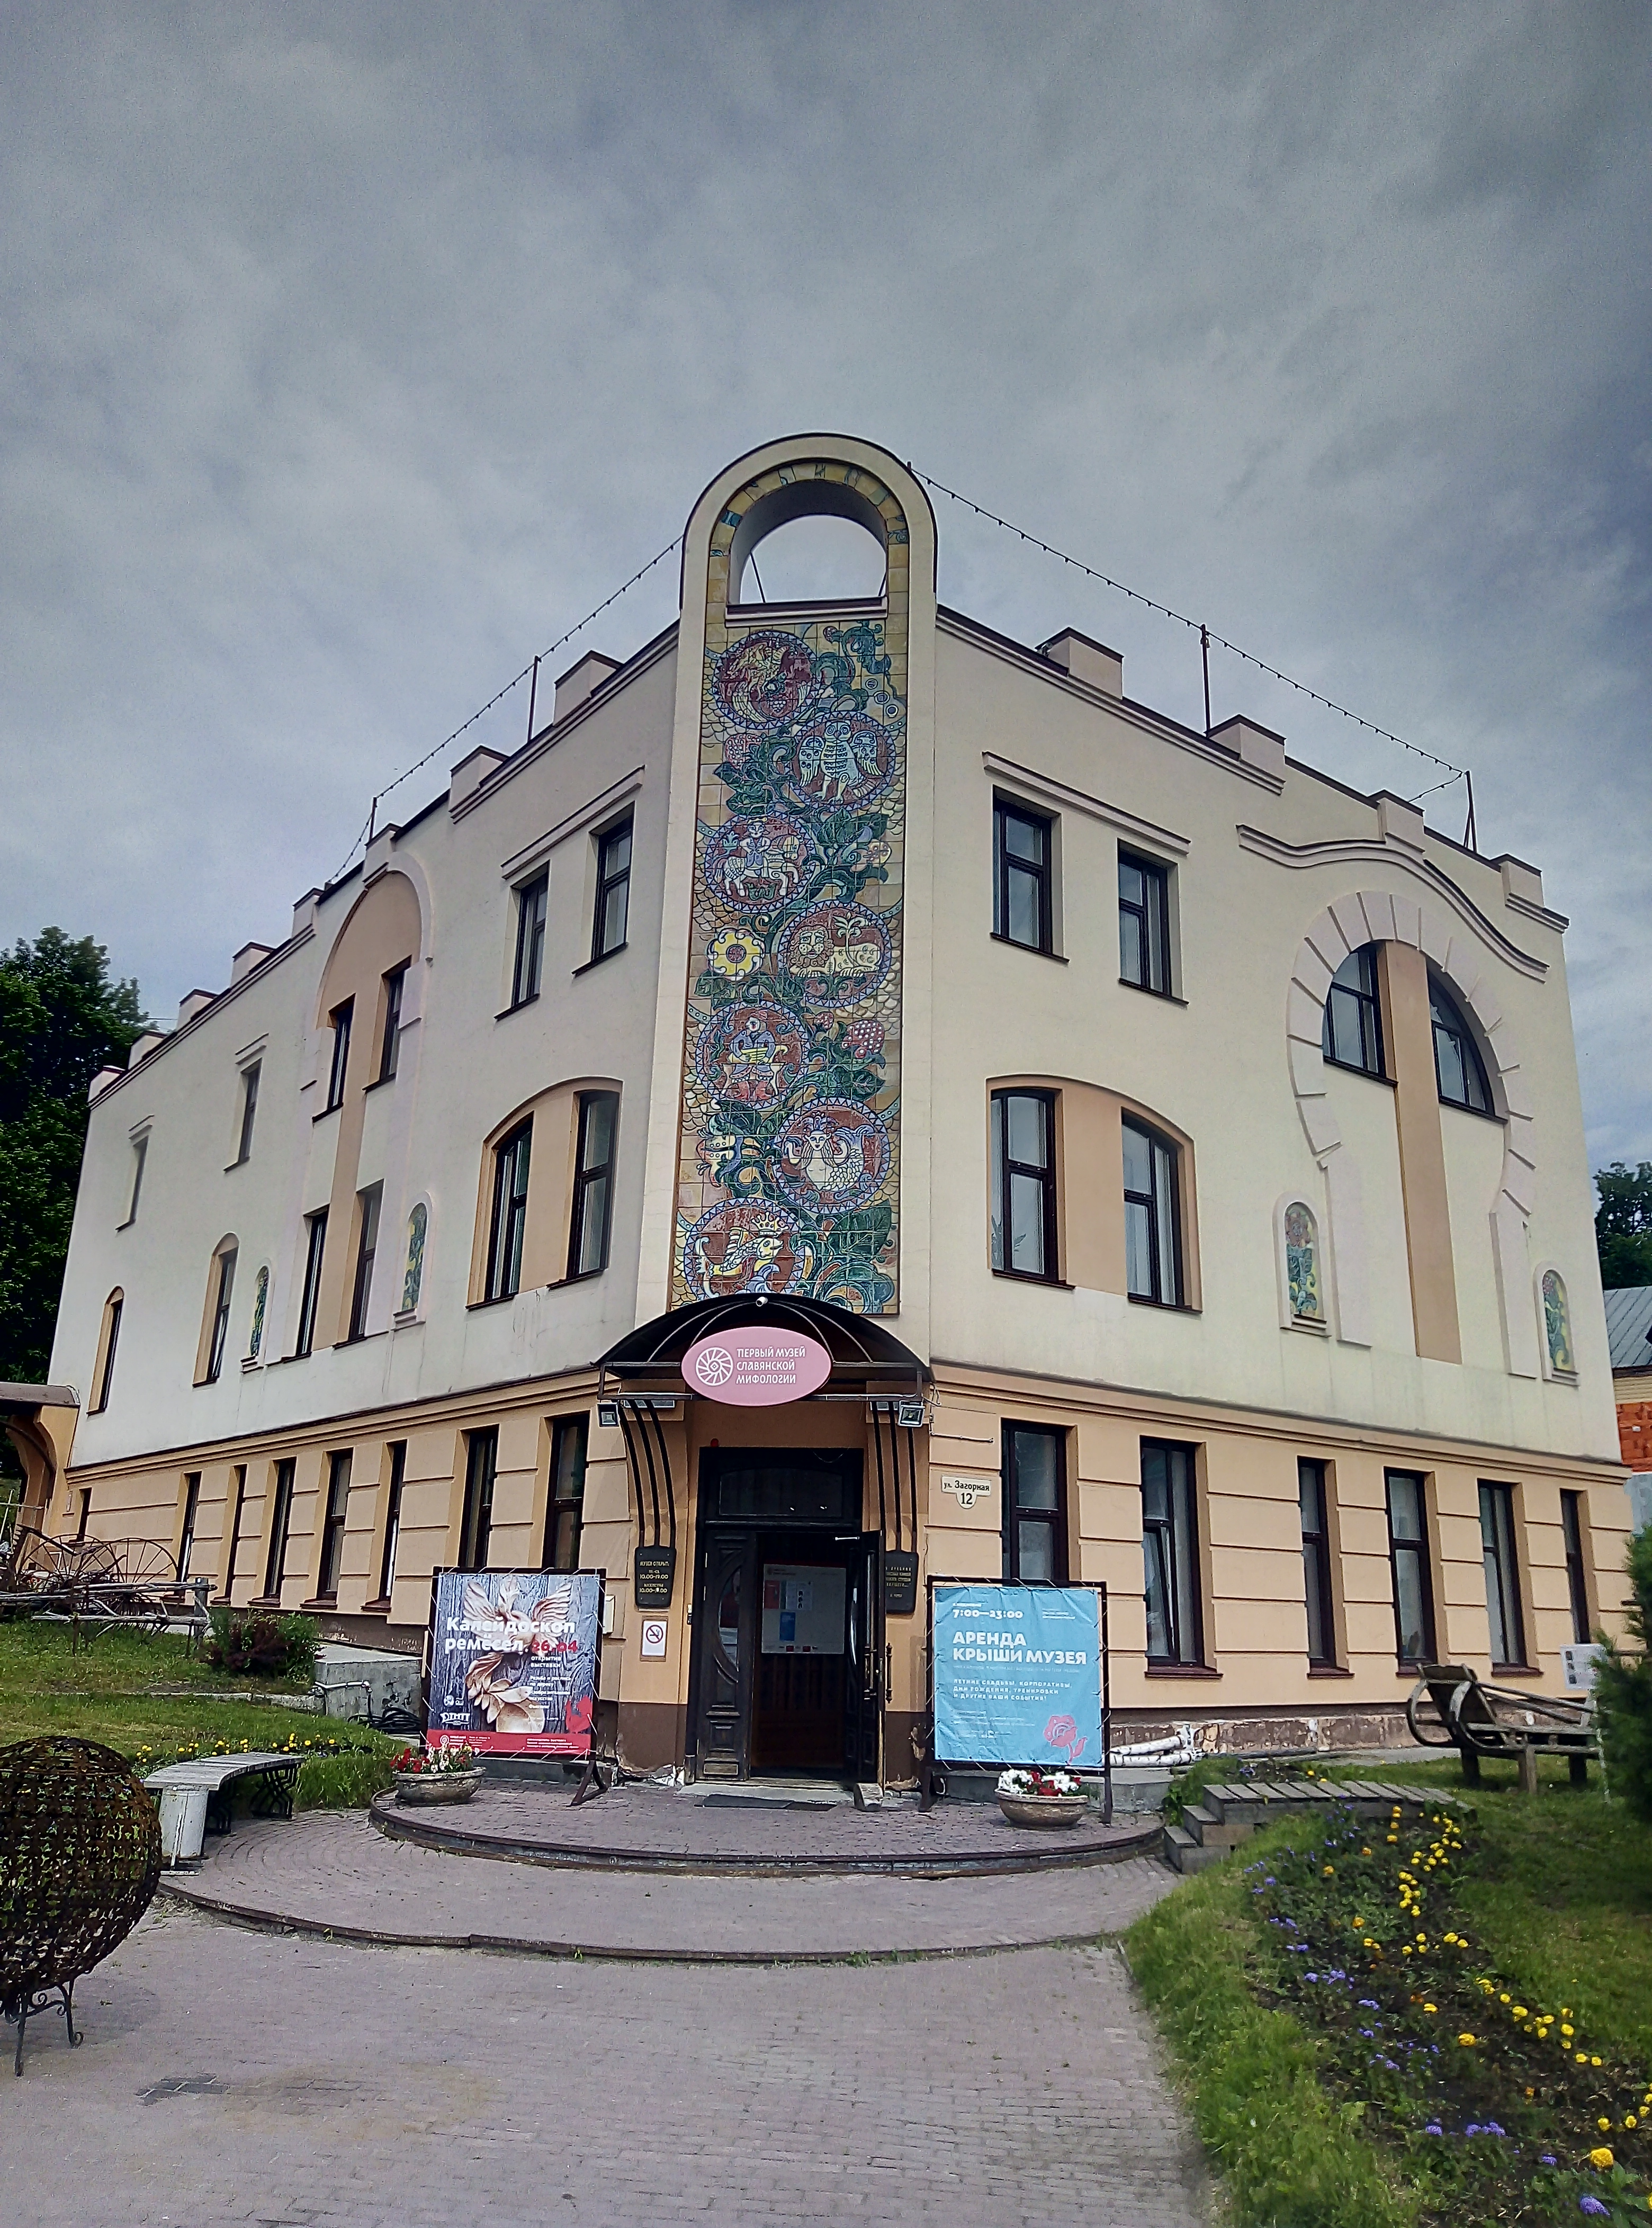 2019 06 28 10 39 01 - O museu da mitologia eslava em Tomsk